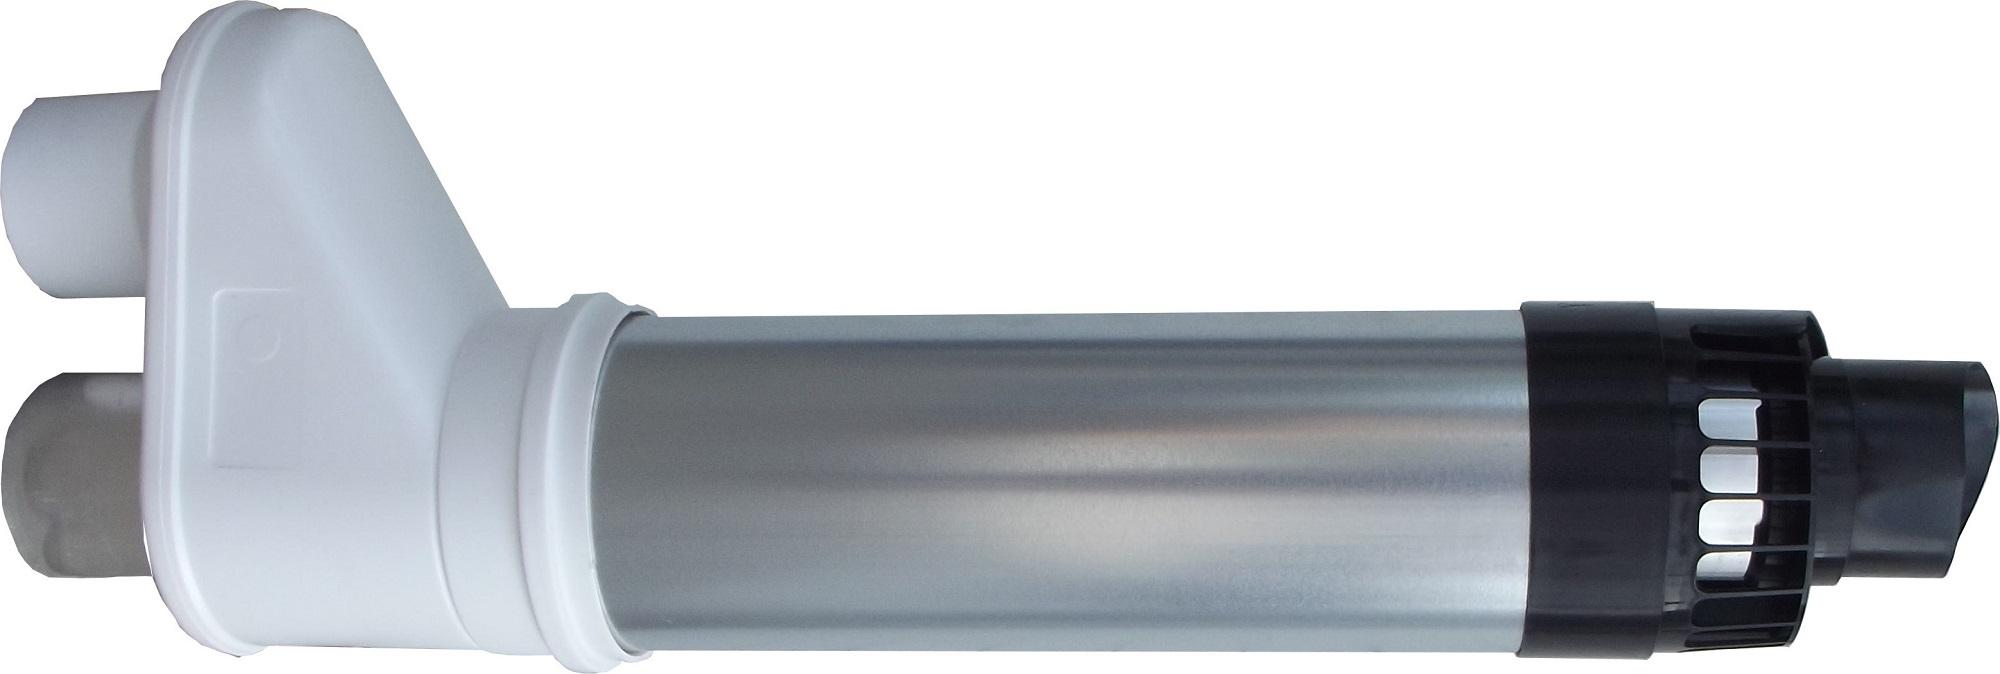 Muurdoorvoer CT 80/125 HR10-HR60